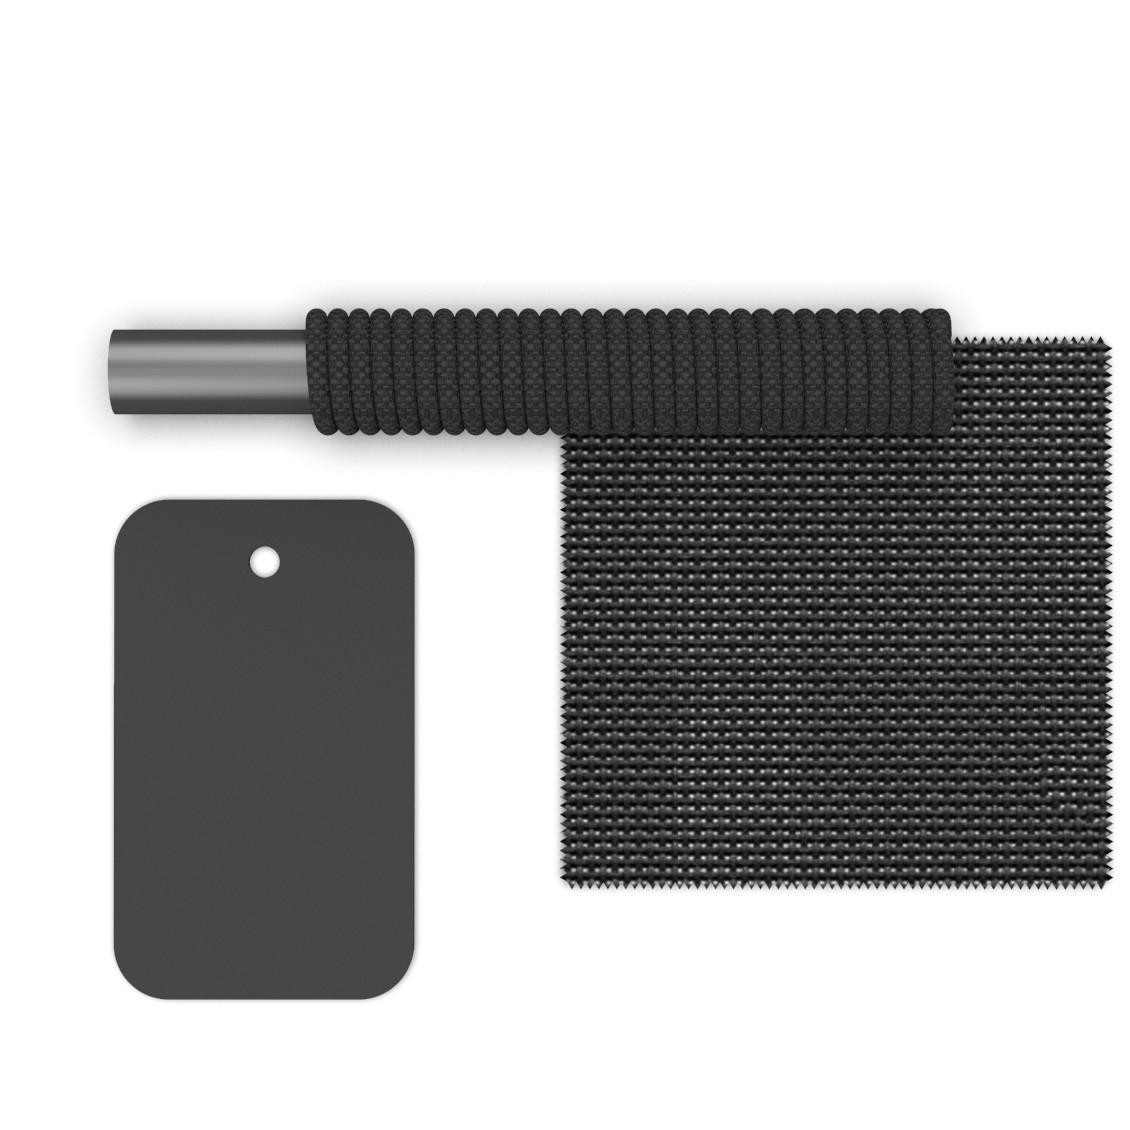 Key_White-silver black